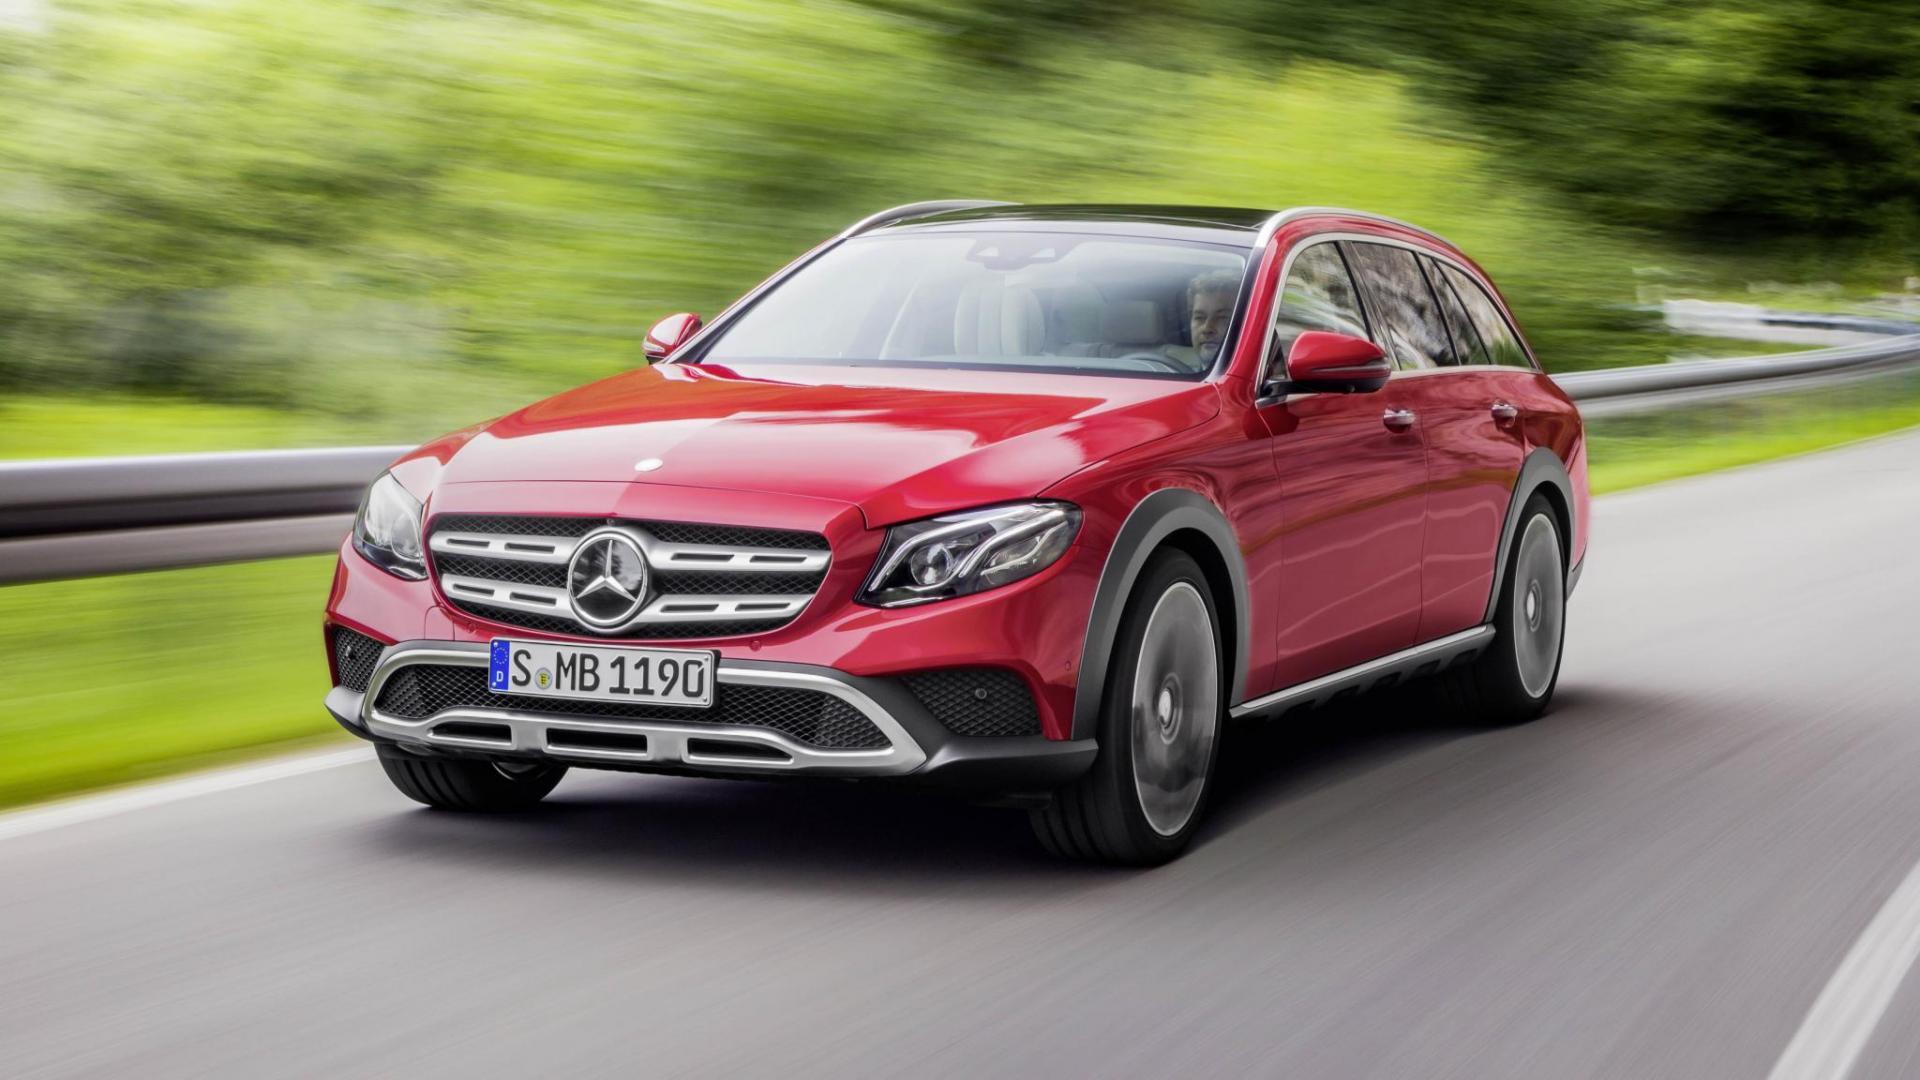 De Mercedes E Klasse All Terrain Is Laat Topgear